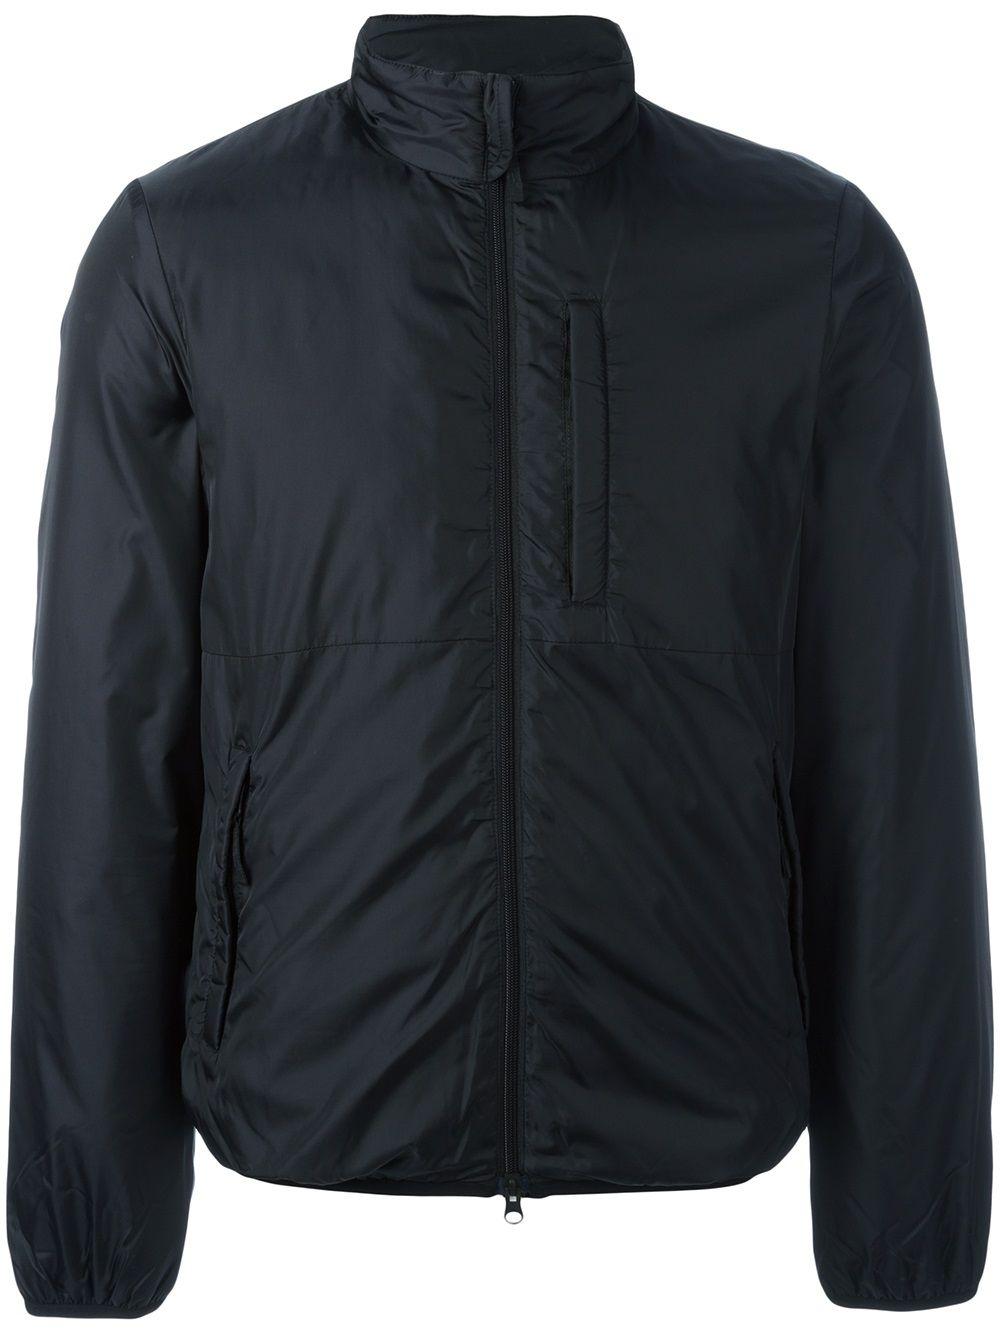 gil con jacket ASPESI | Jackets | 2I36 796196241